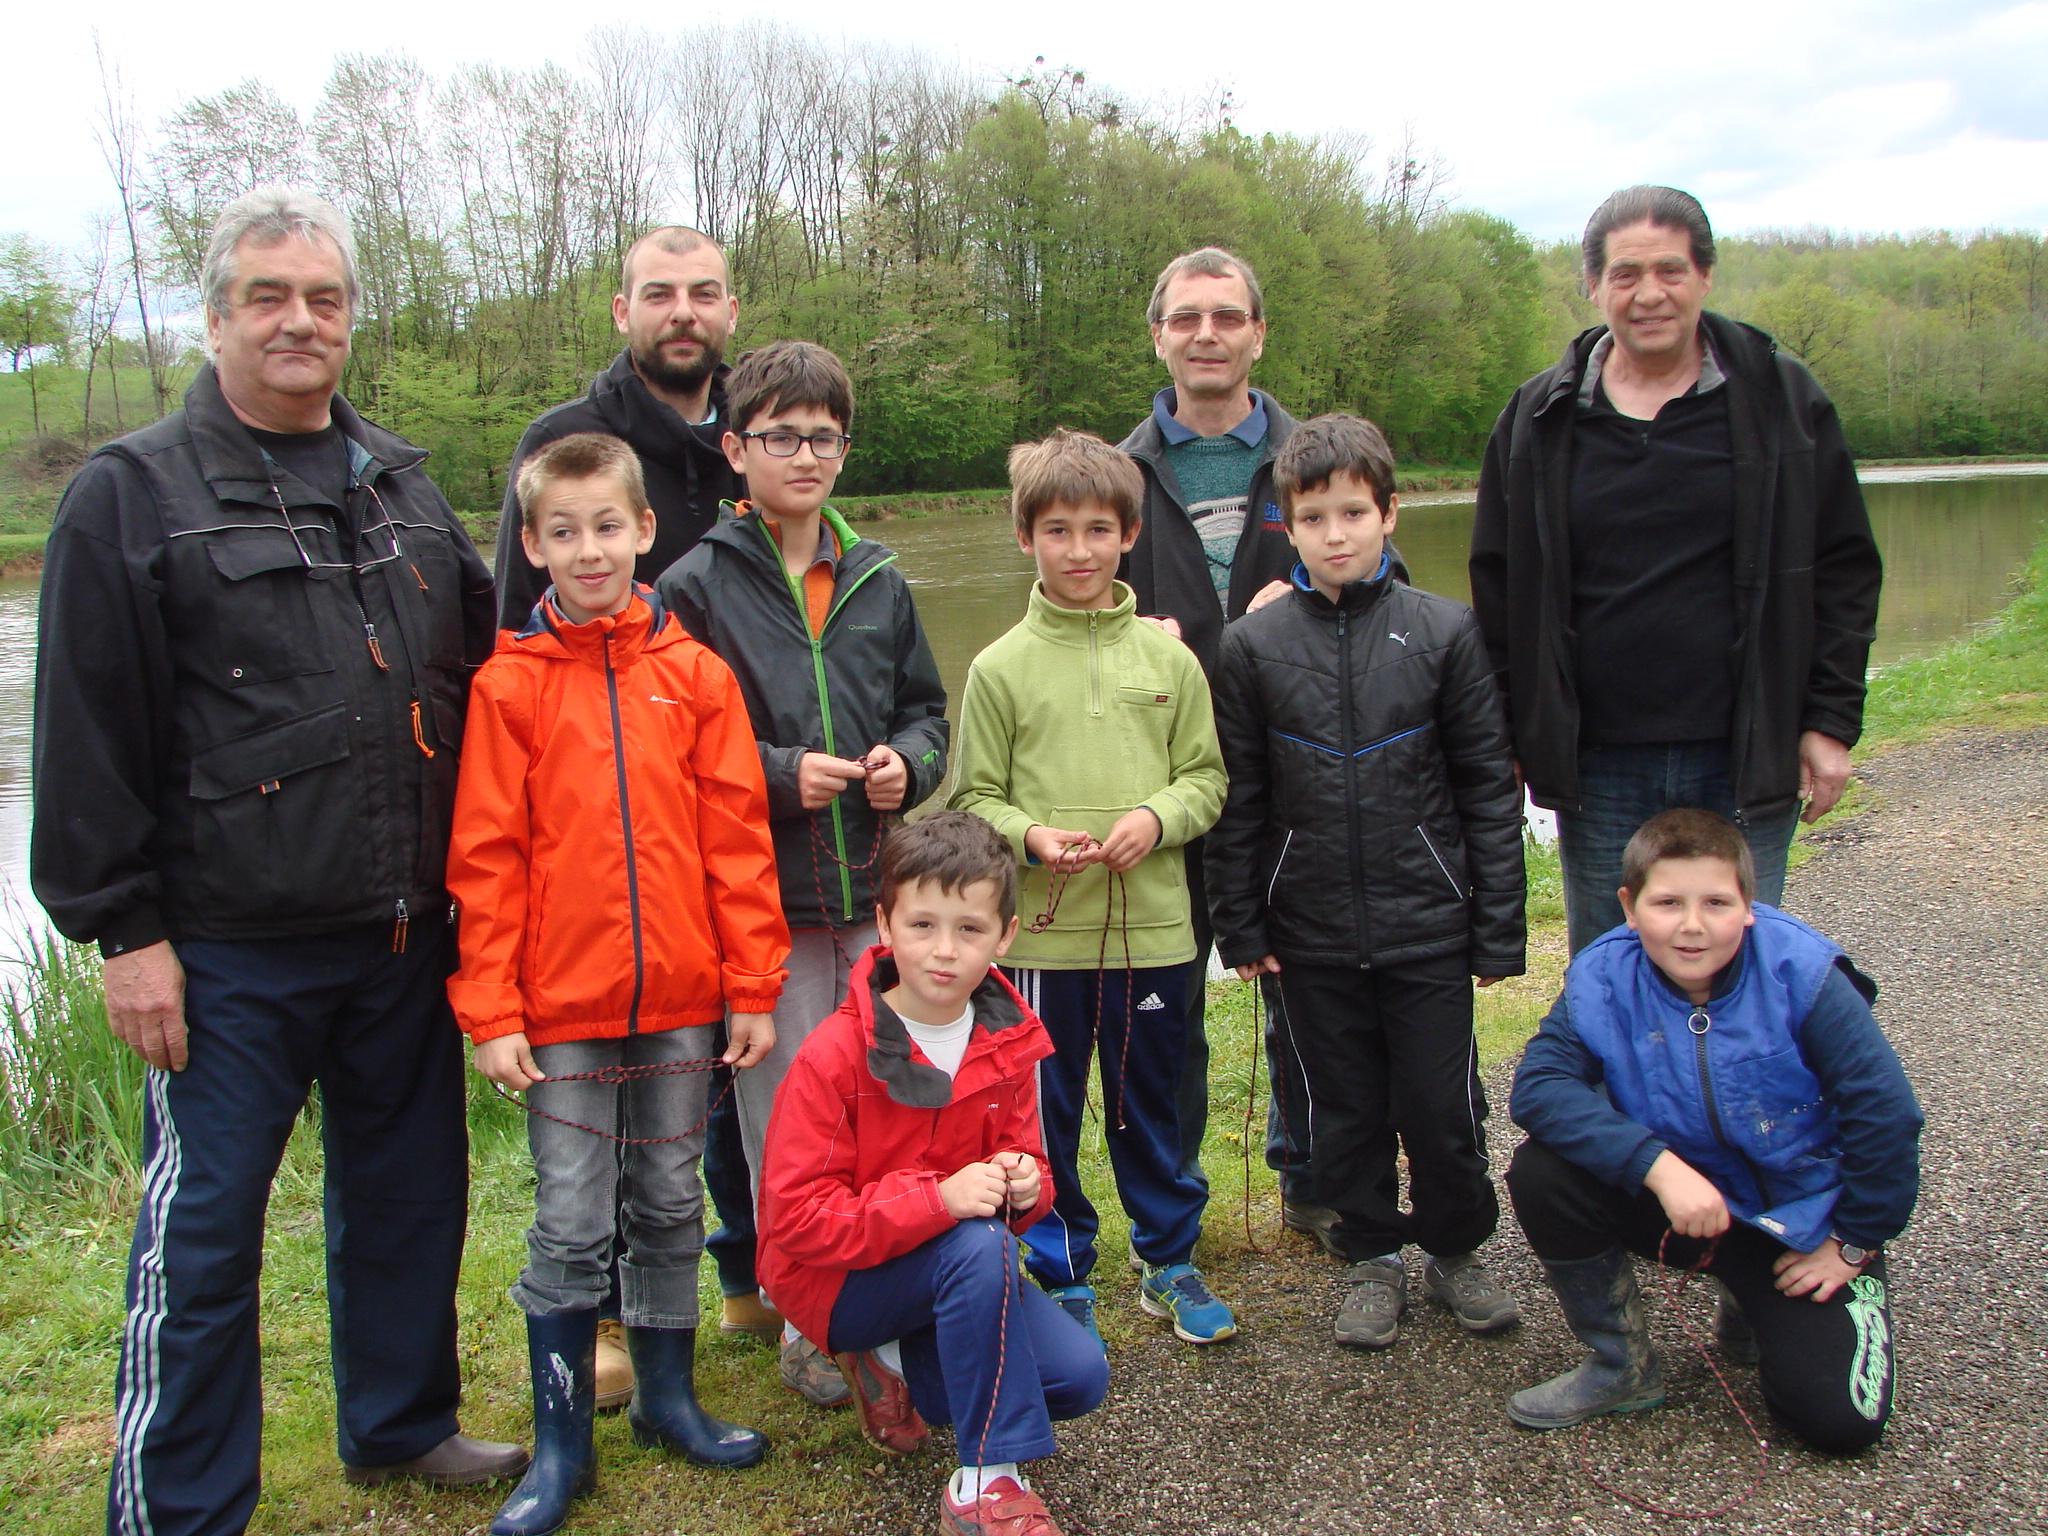 Samedi 16 avril ouverture de l'école de pêche : encadrant et jeunes pêcheurs 5 autres jeunes vont venir grossir l'équipe d'ont 2 filles.